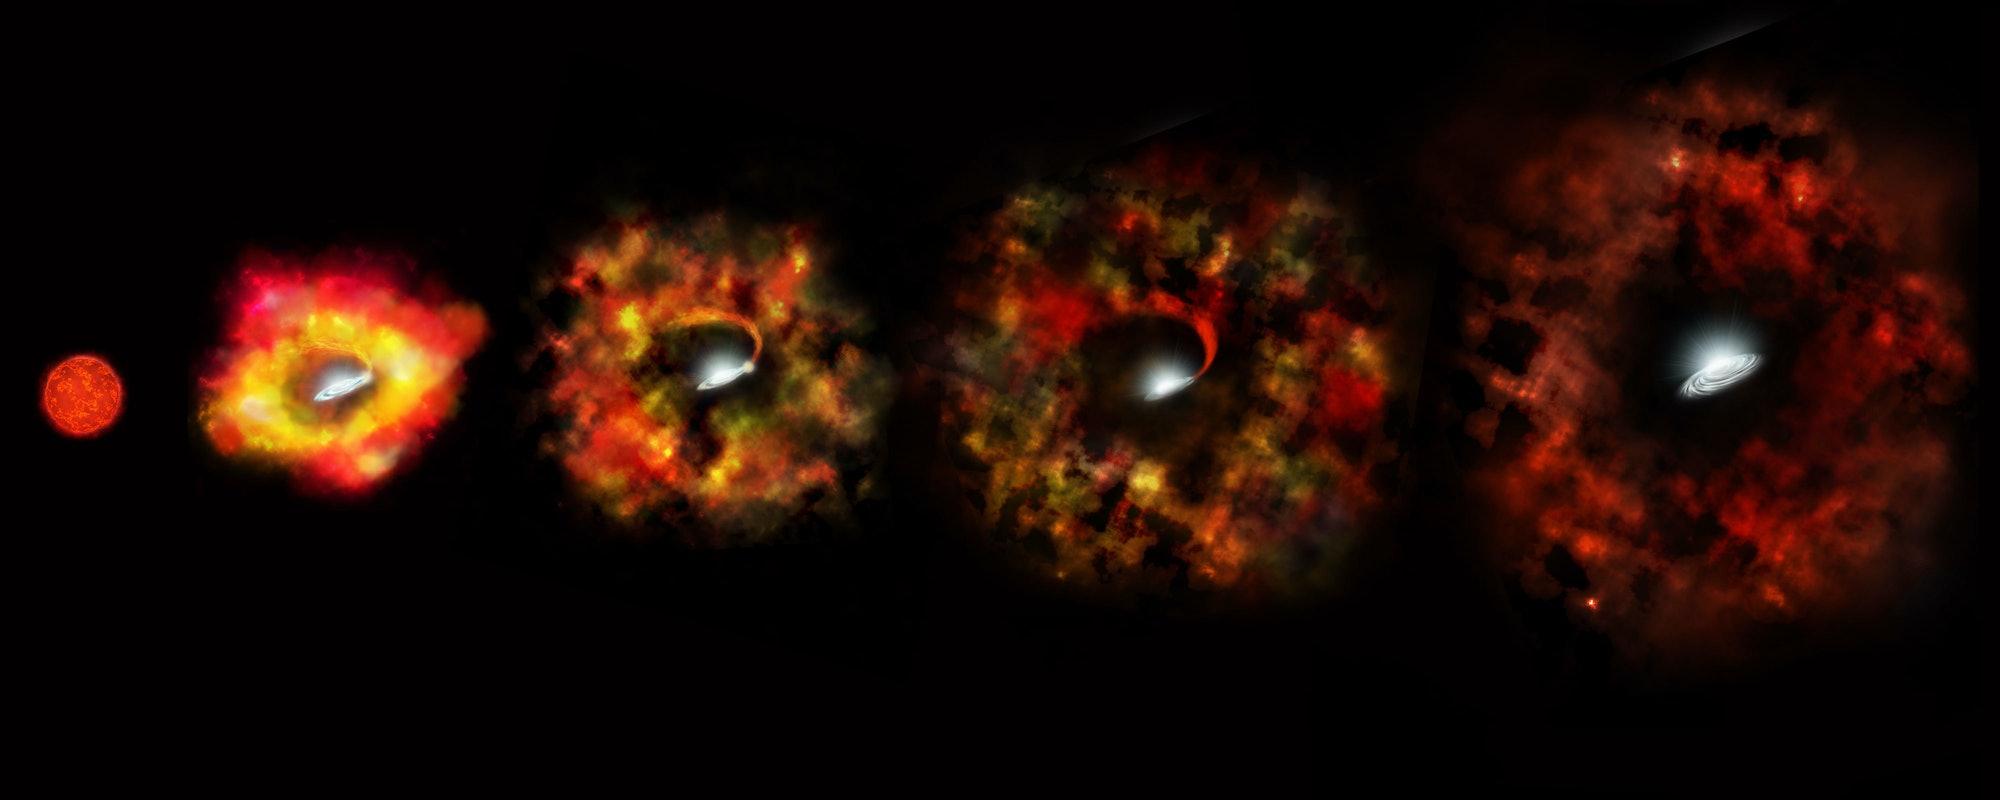 NASA Hubble black hole supernova